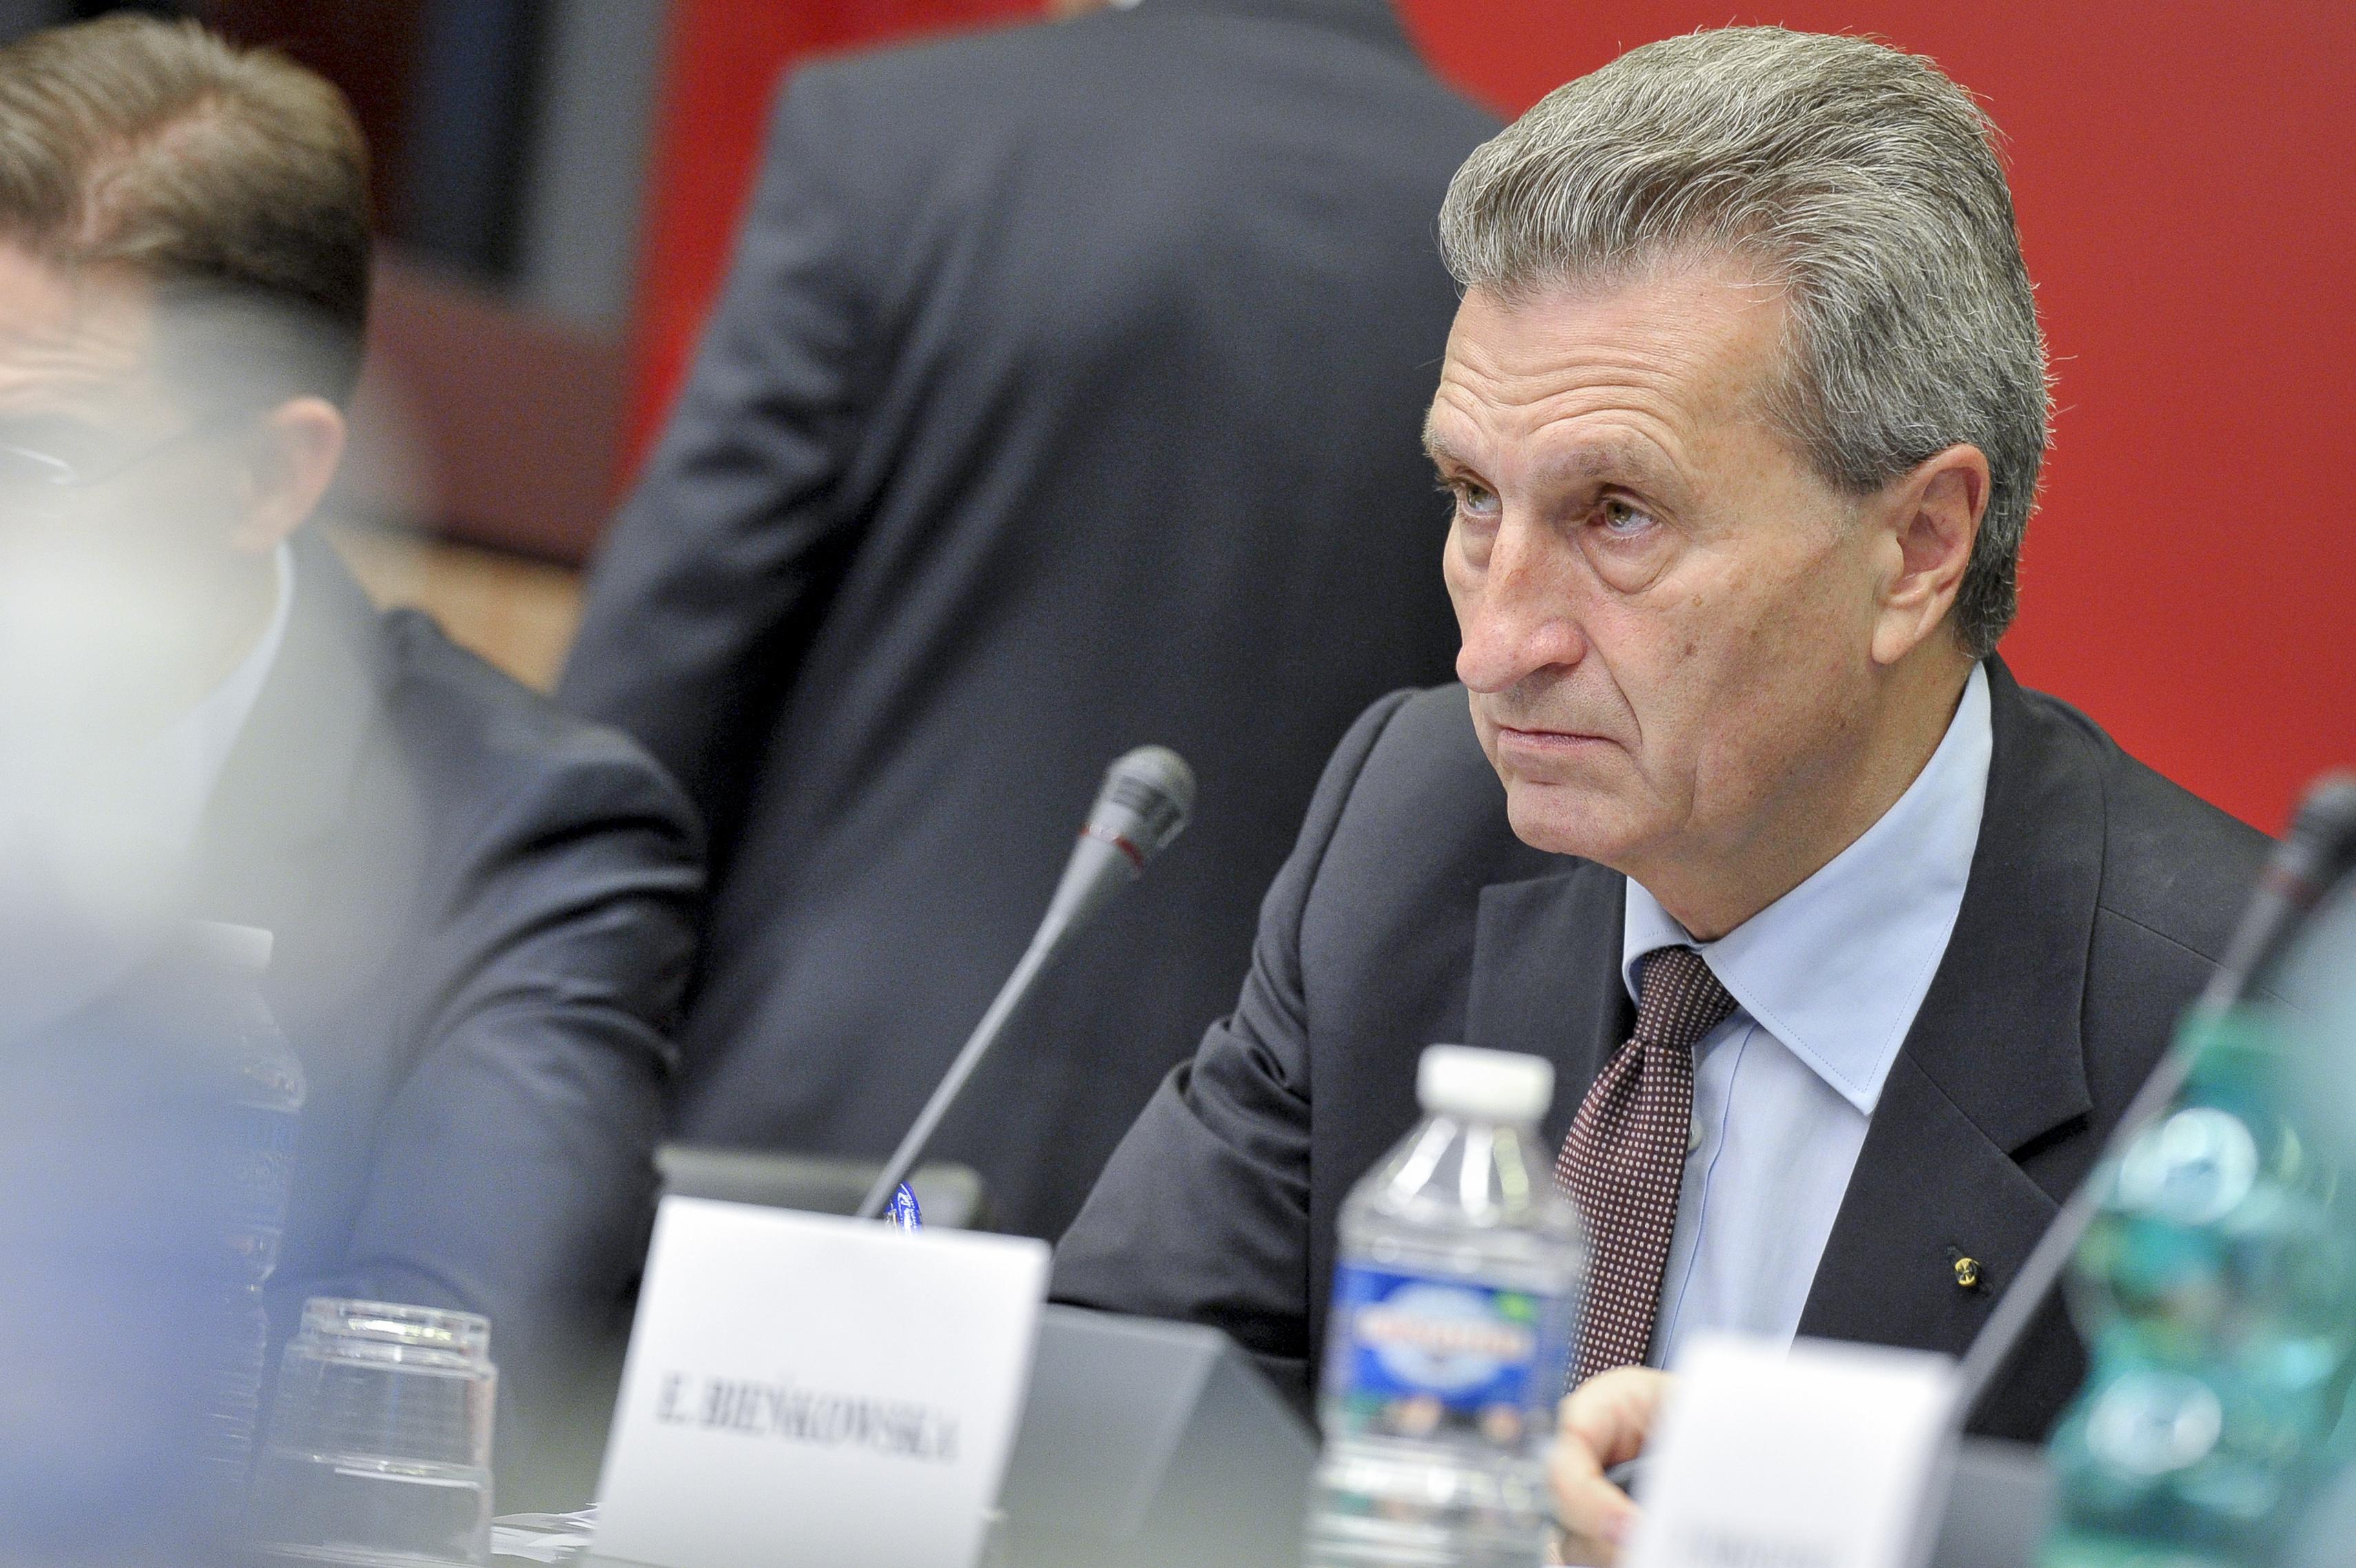 EU commissioner ducks questions on Selmayr affair